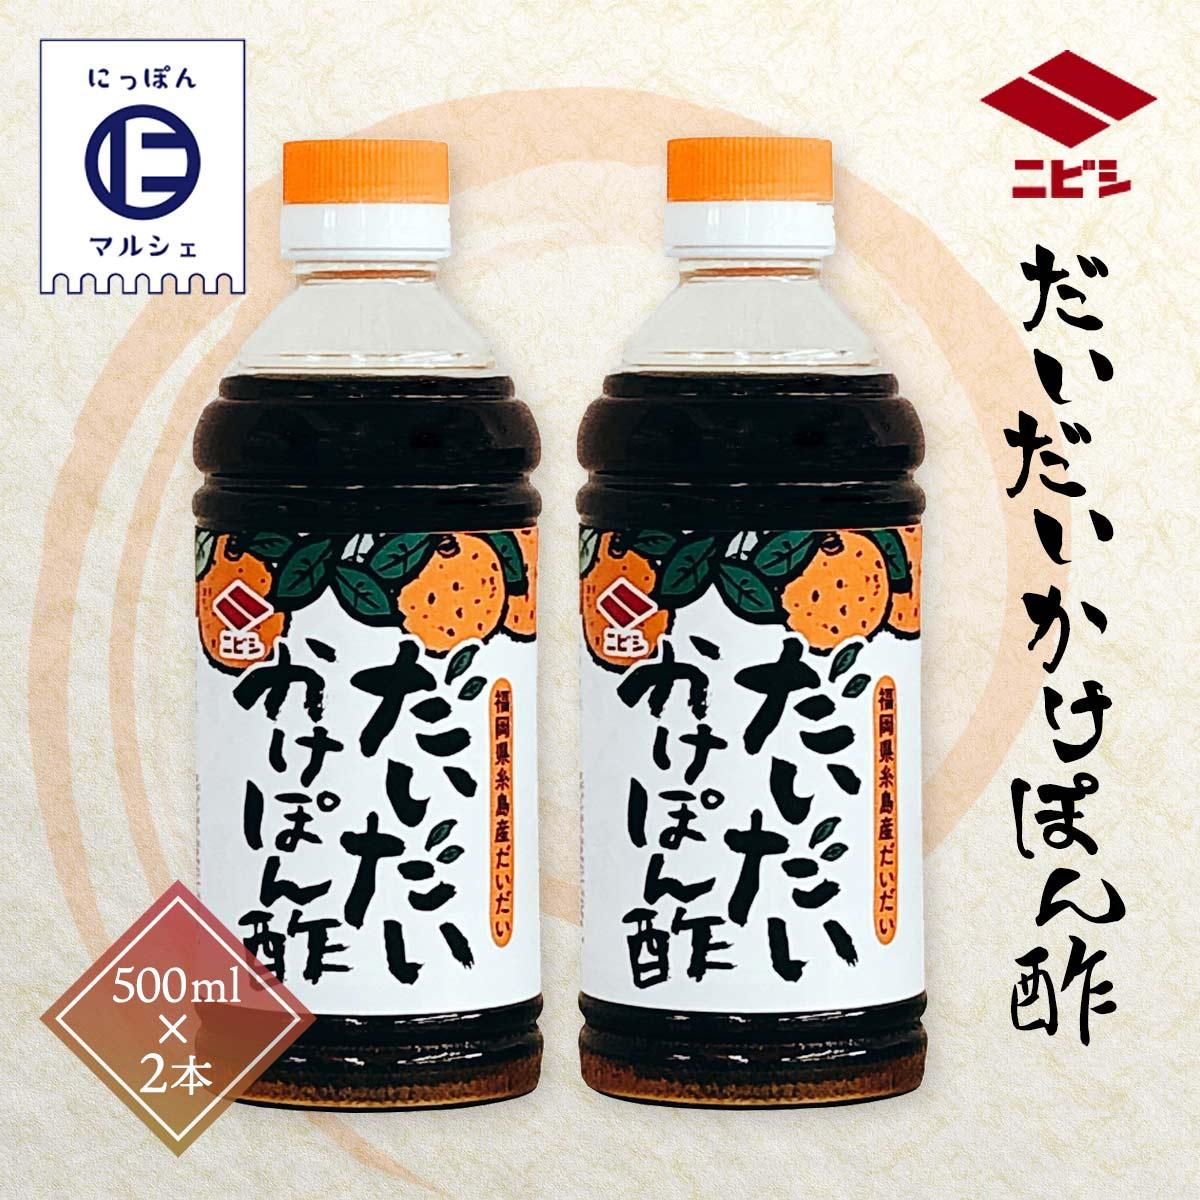 九州 福岡 醤油 調味料 老舗 ニビシ 古賀 だいだいぽん酢 つゆ ソース たれ 500ml×2 ニビシ醤油 買収 時間指定不可